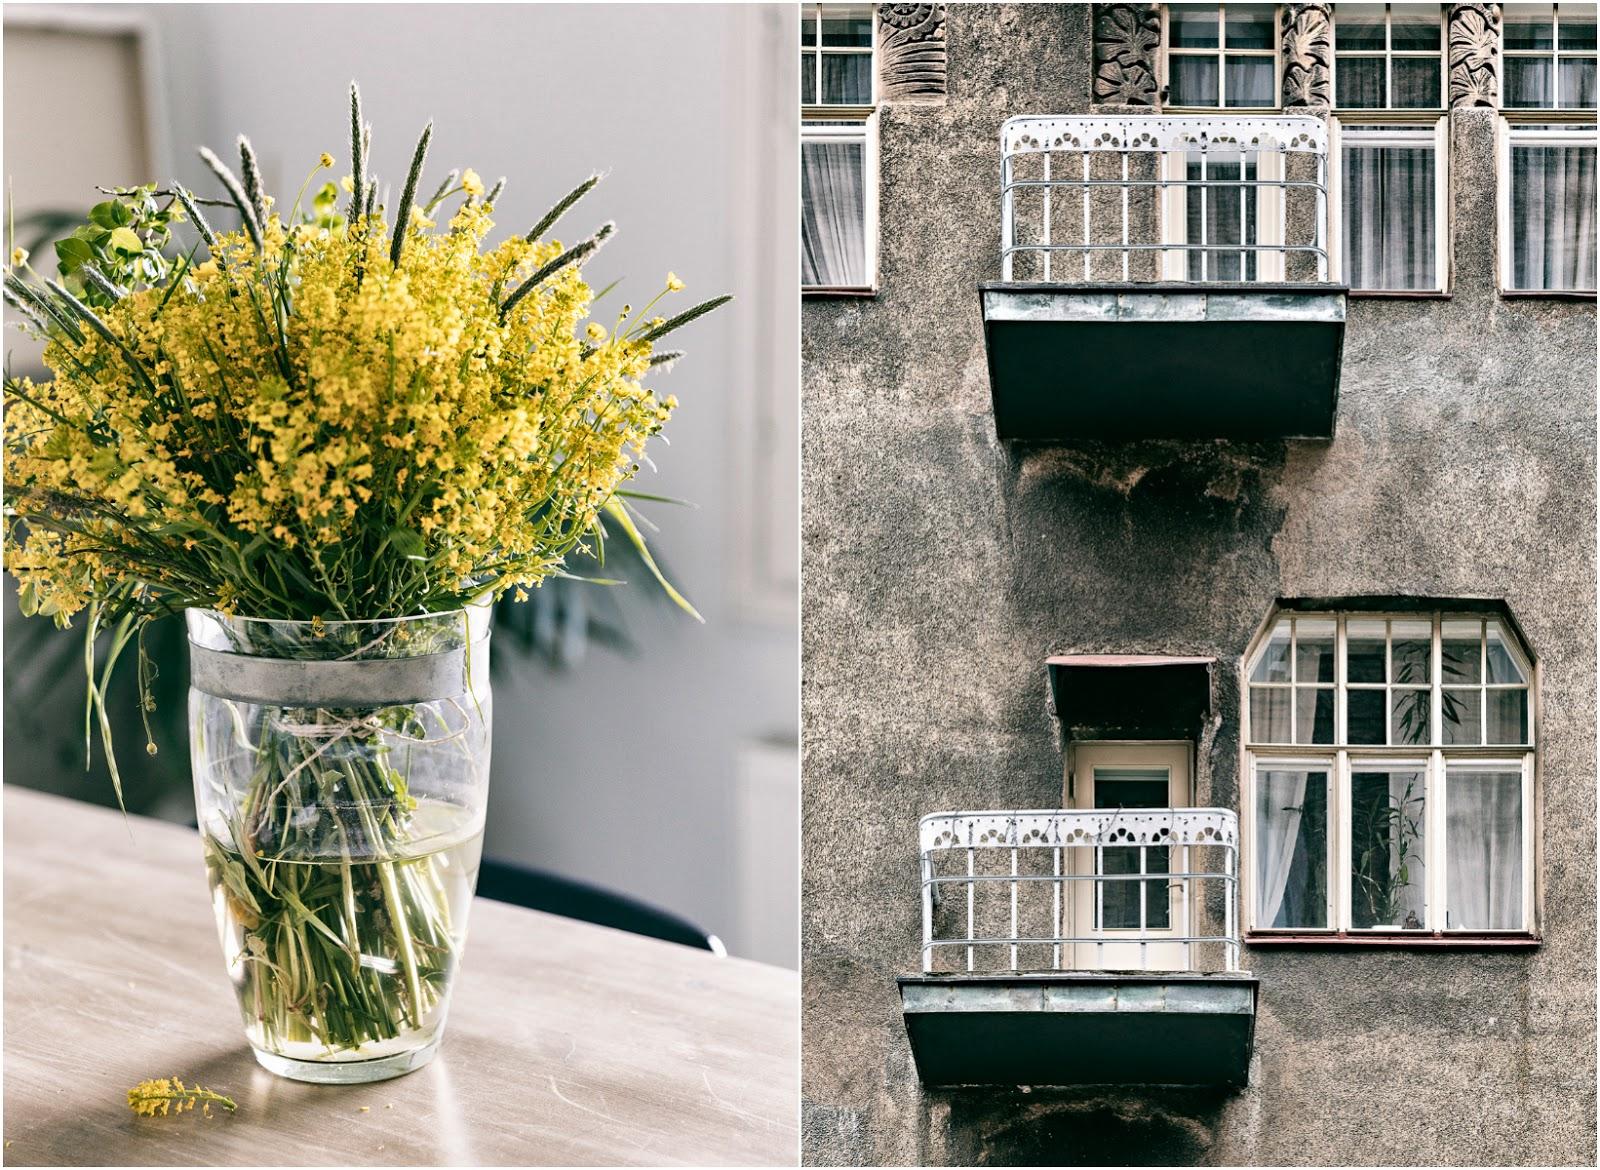 sisustus, sisustaminen, sisustusinspiraatio, hyvä elämä, oma koti, valokuvaus, elämä, Visualaddict, valokuvaaja, Frida Steiner, Visualaddictfrida, kukka-asetelma, kukkakimppu, rikkaruohot, Helsinki, oldbuildings